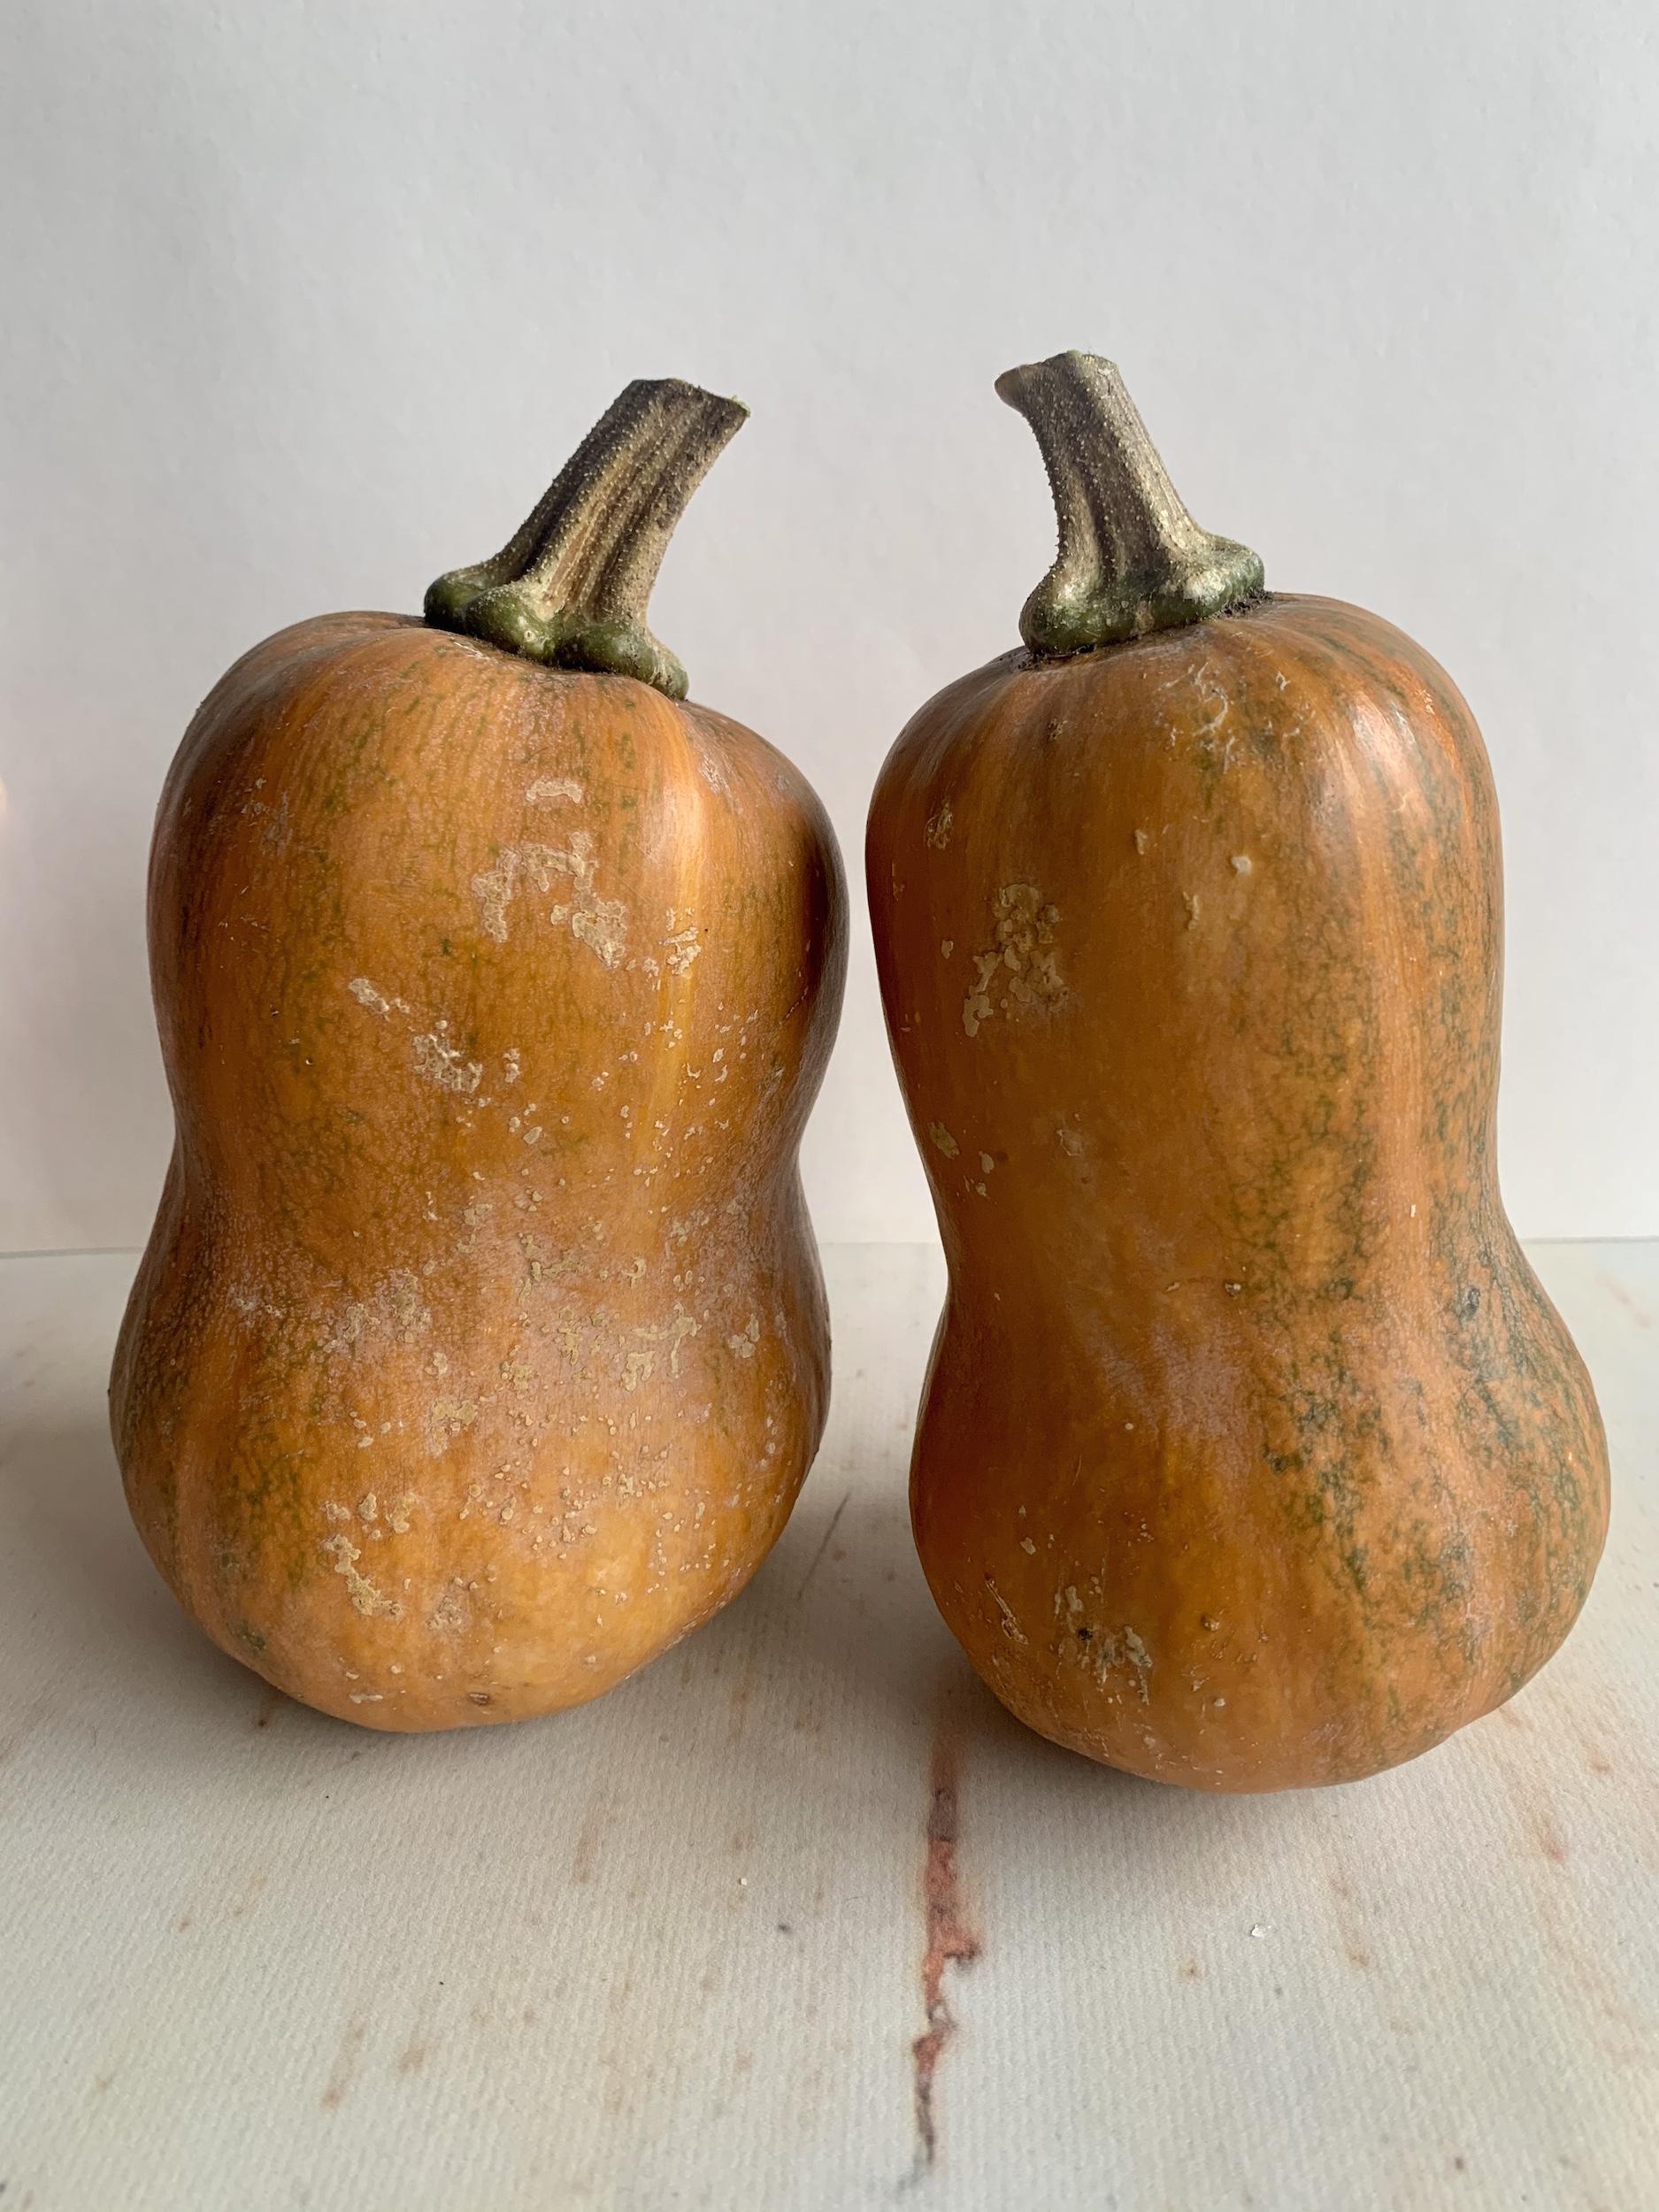 Two small Honeynut Squash